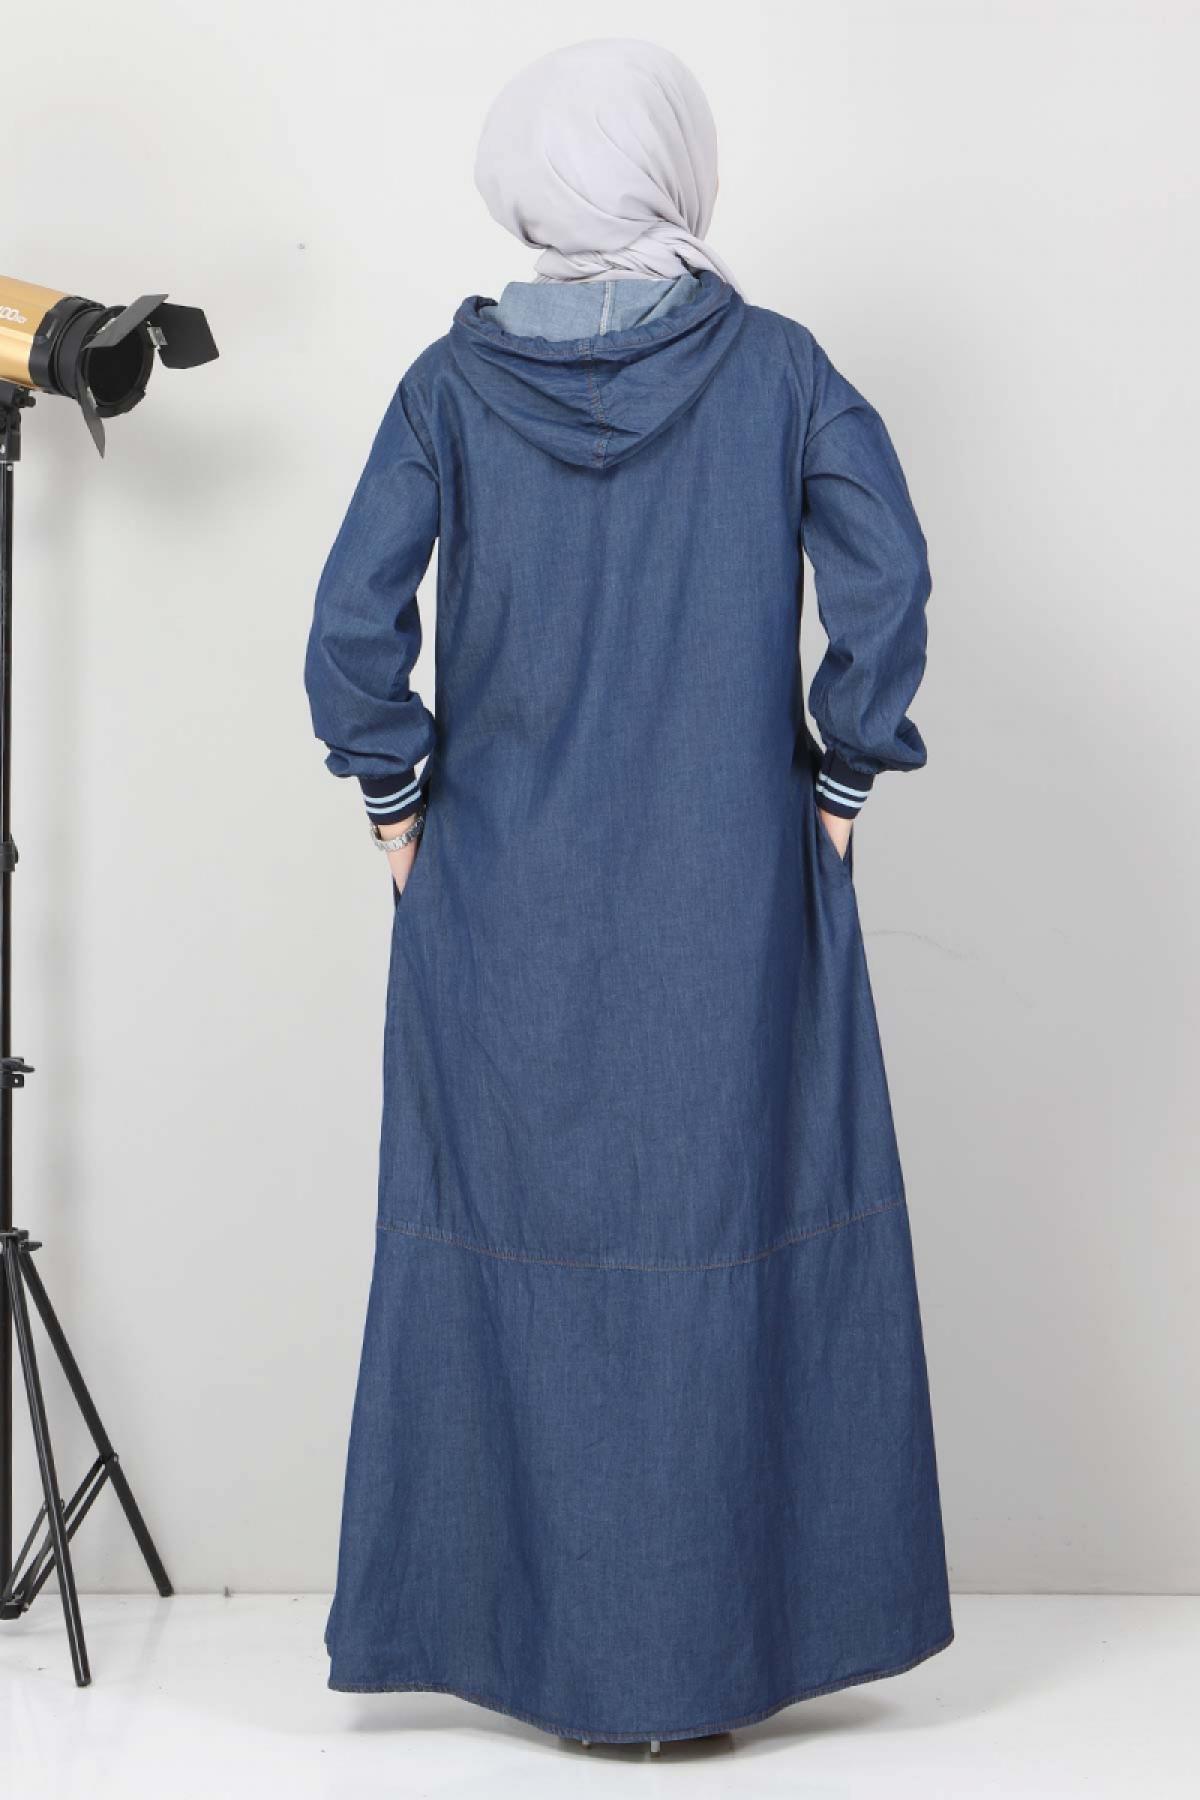 Bağcık Detaylı Kapşonlu Kot Elbise TSD1431 Koyu Mavi